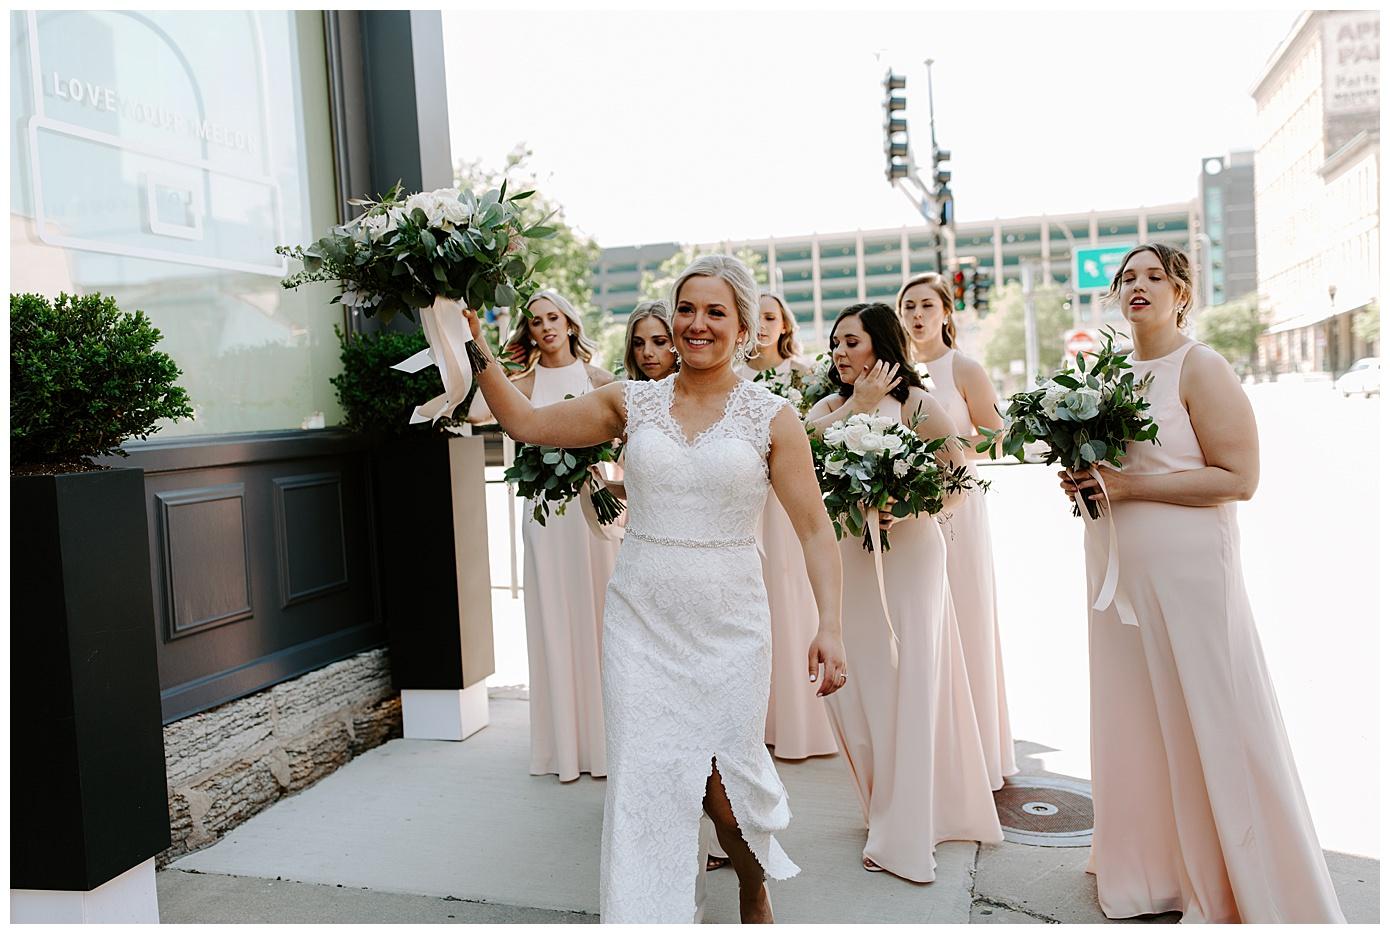 lumber exchange wedding minneapolis mn_0358.jpg